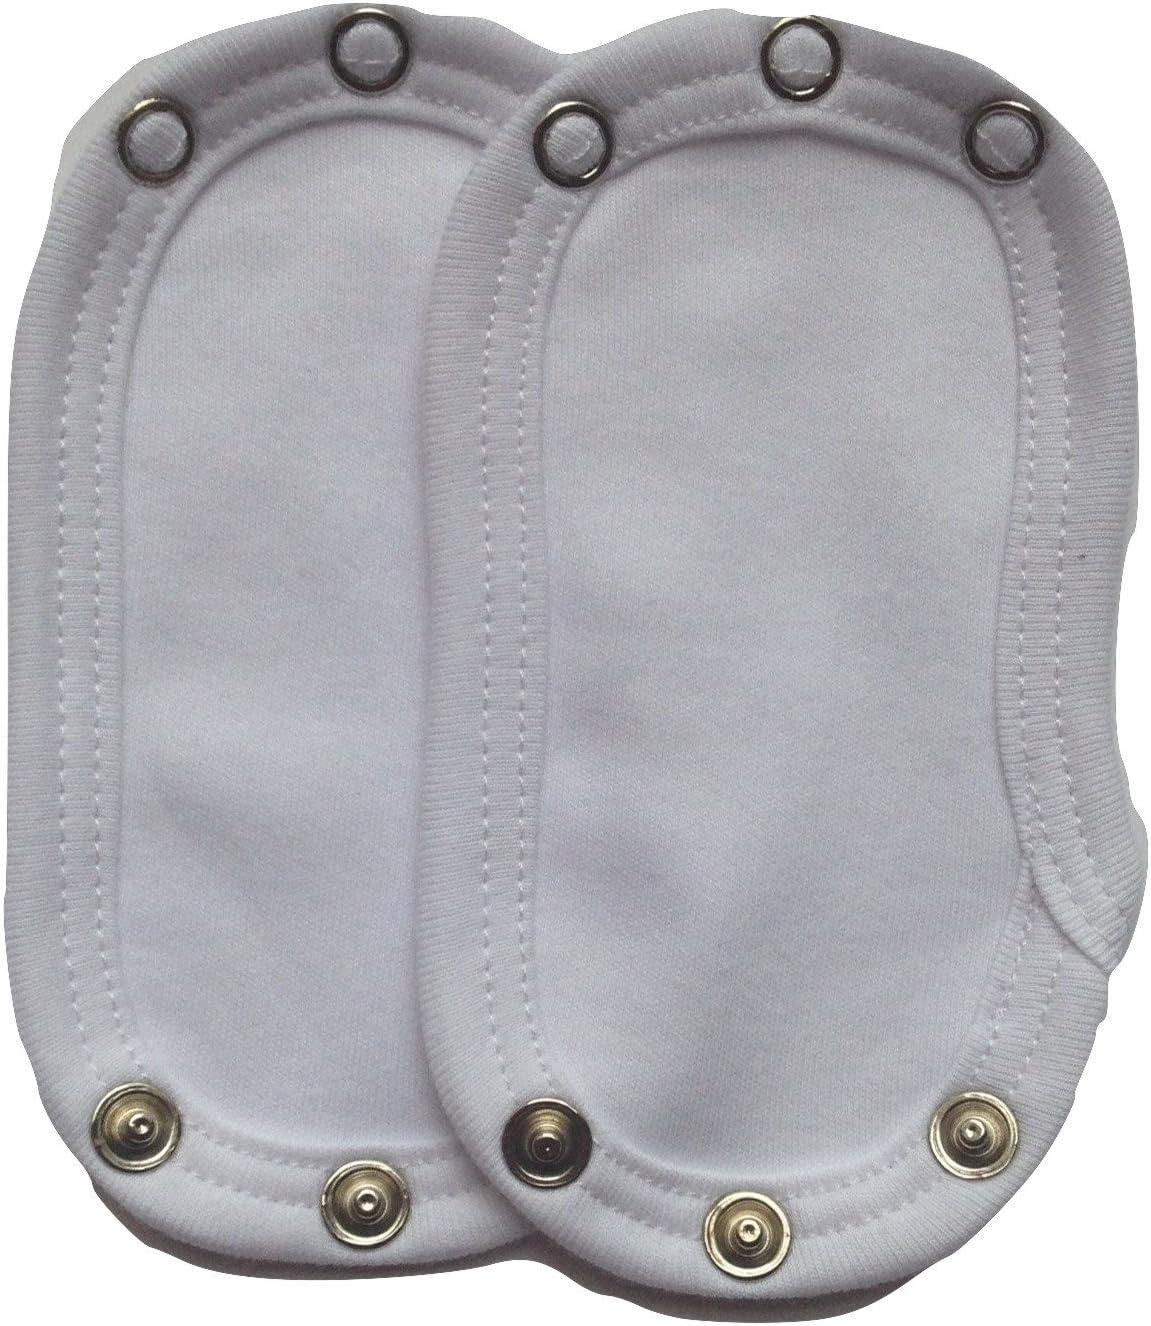 dtailz Gilet pour bébé/body Rallonge x2: Amazon.es: Bebé